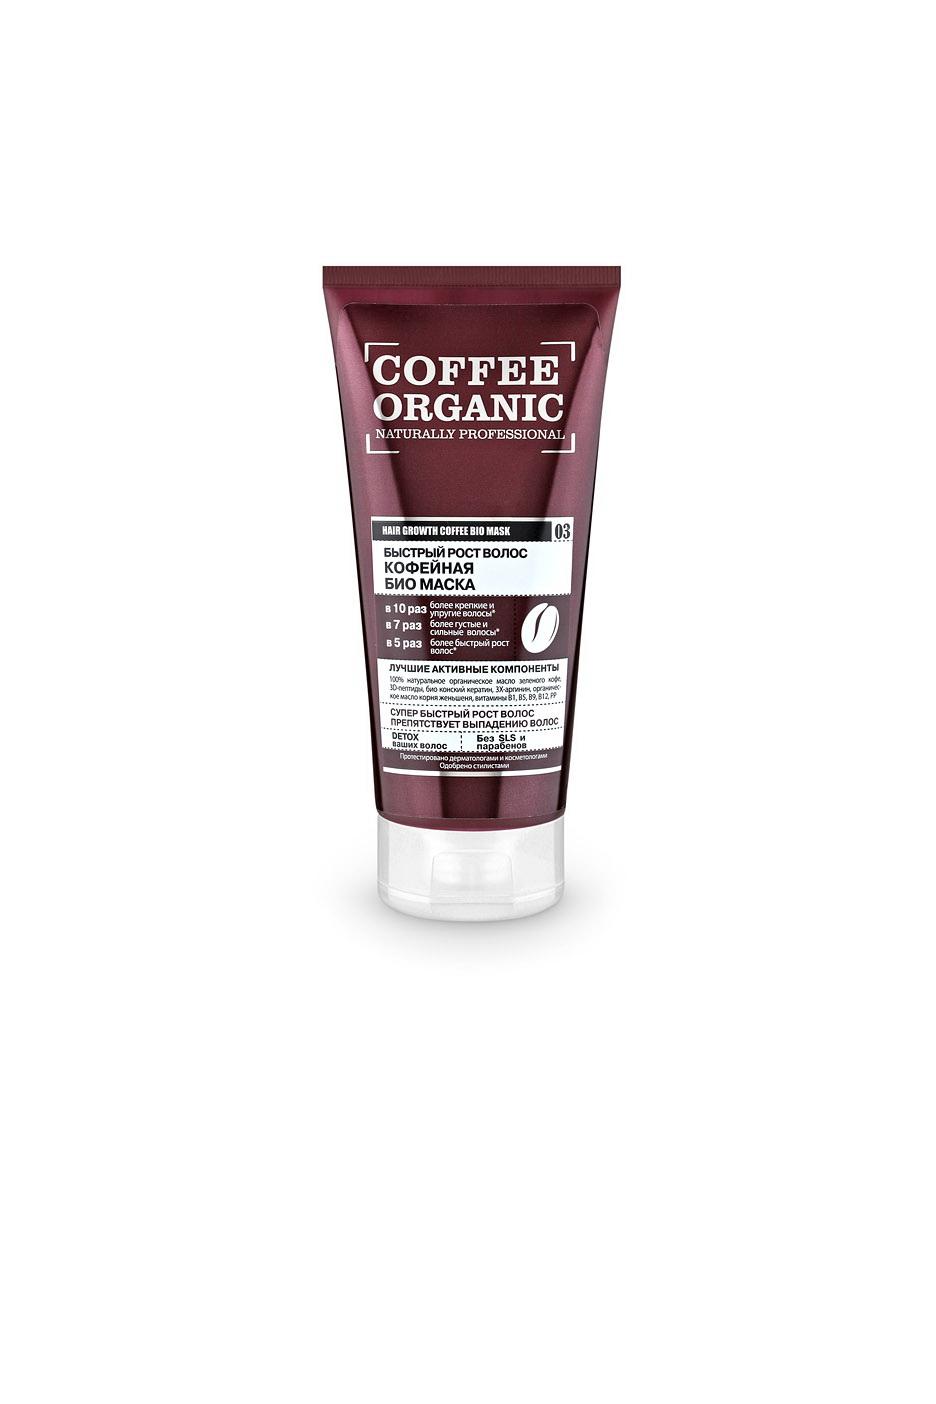 Оrganic Shop Naturally Professional Био-маска для волос Быстрый рост волос, кофейная, 200 мл (Organic Shop Naturally professional)